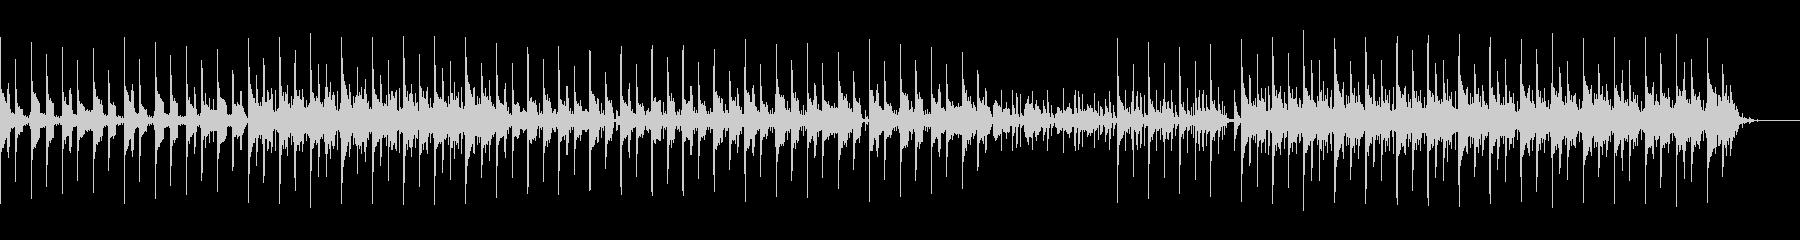 80年代ニューウェーブ風BGMの未再生の波形